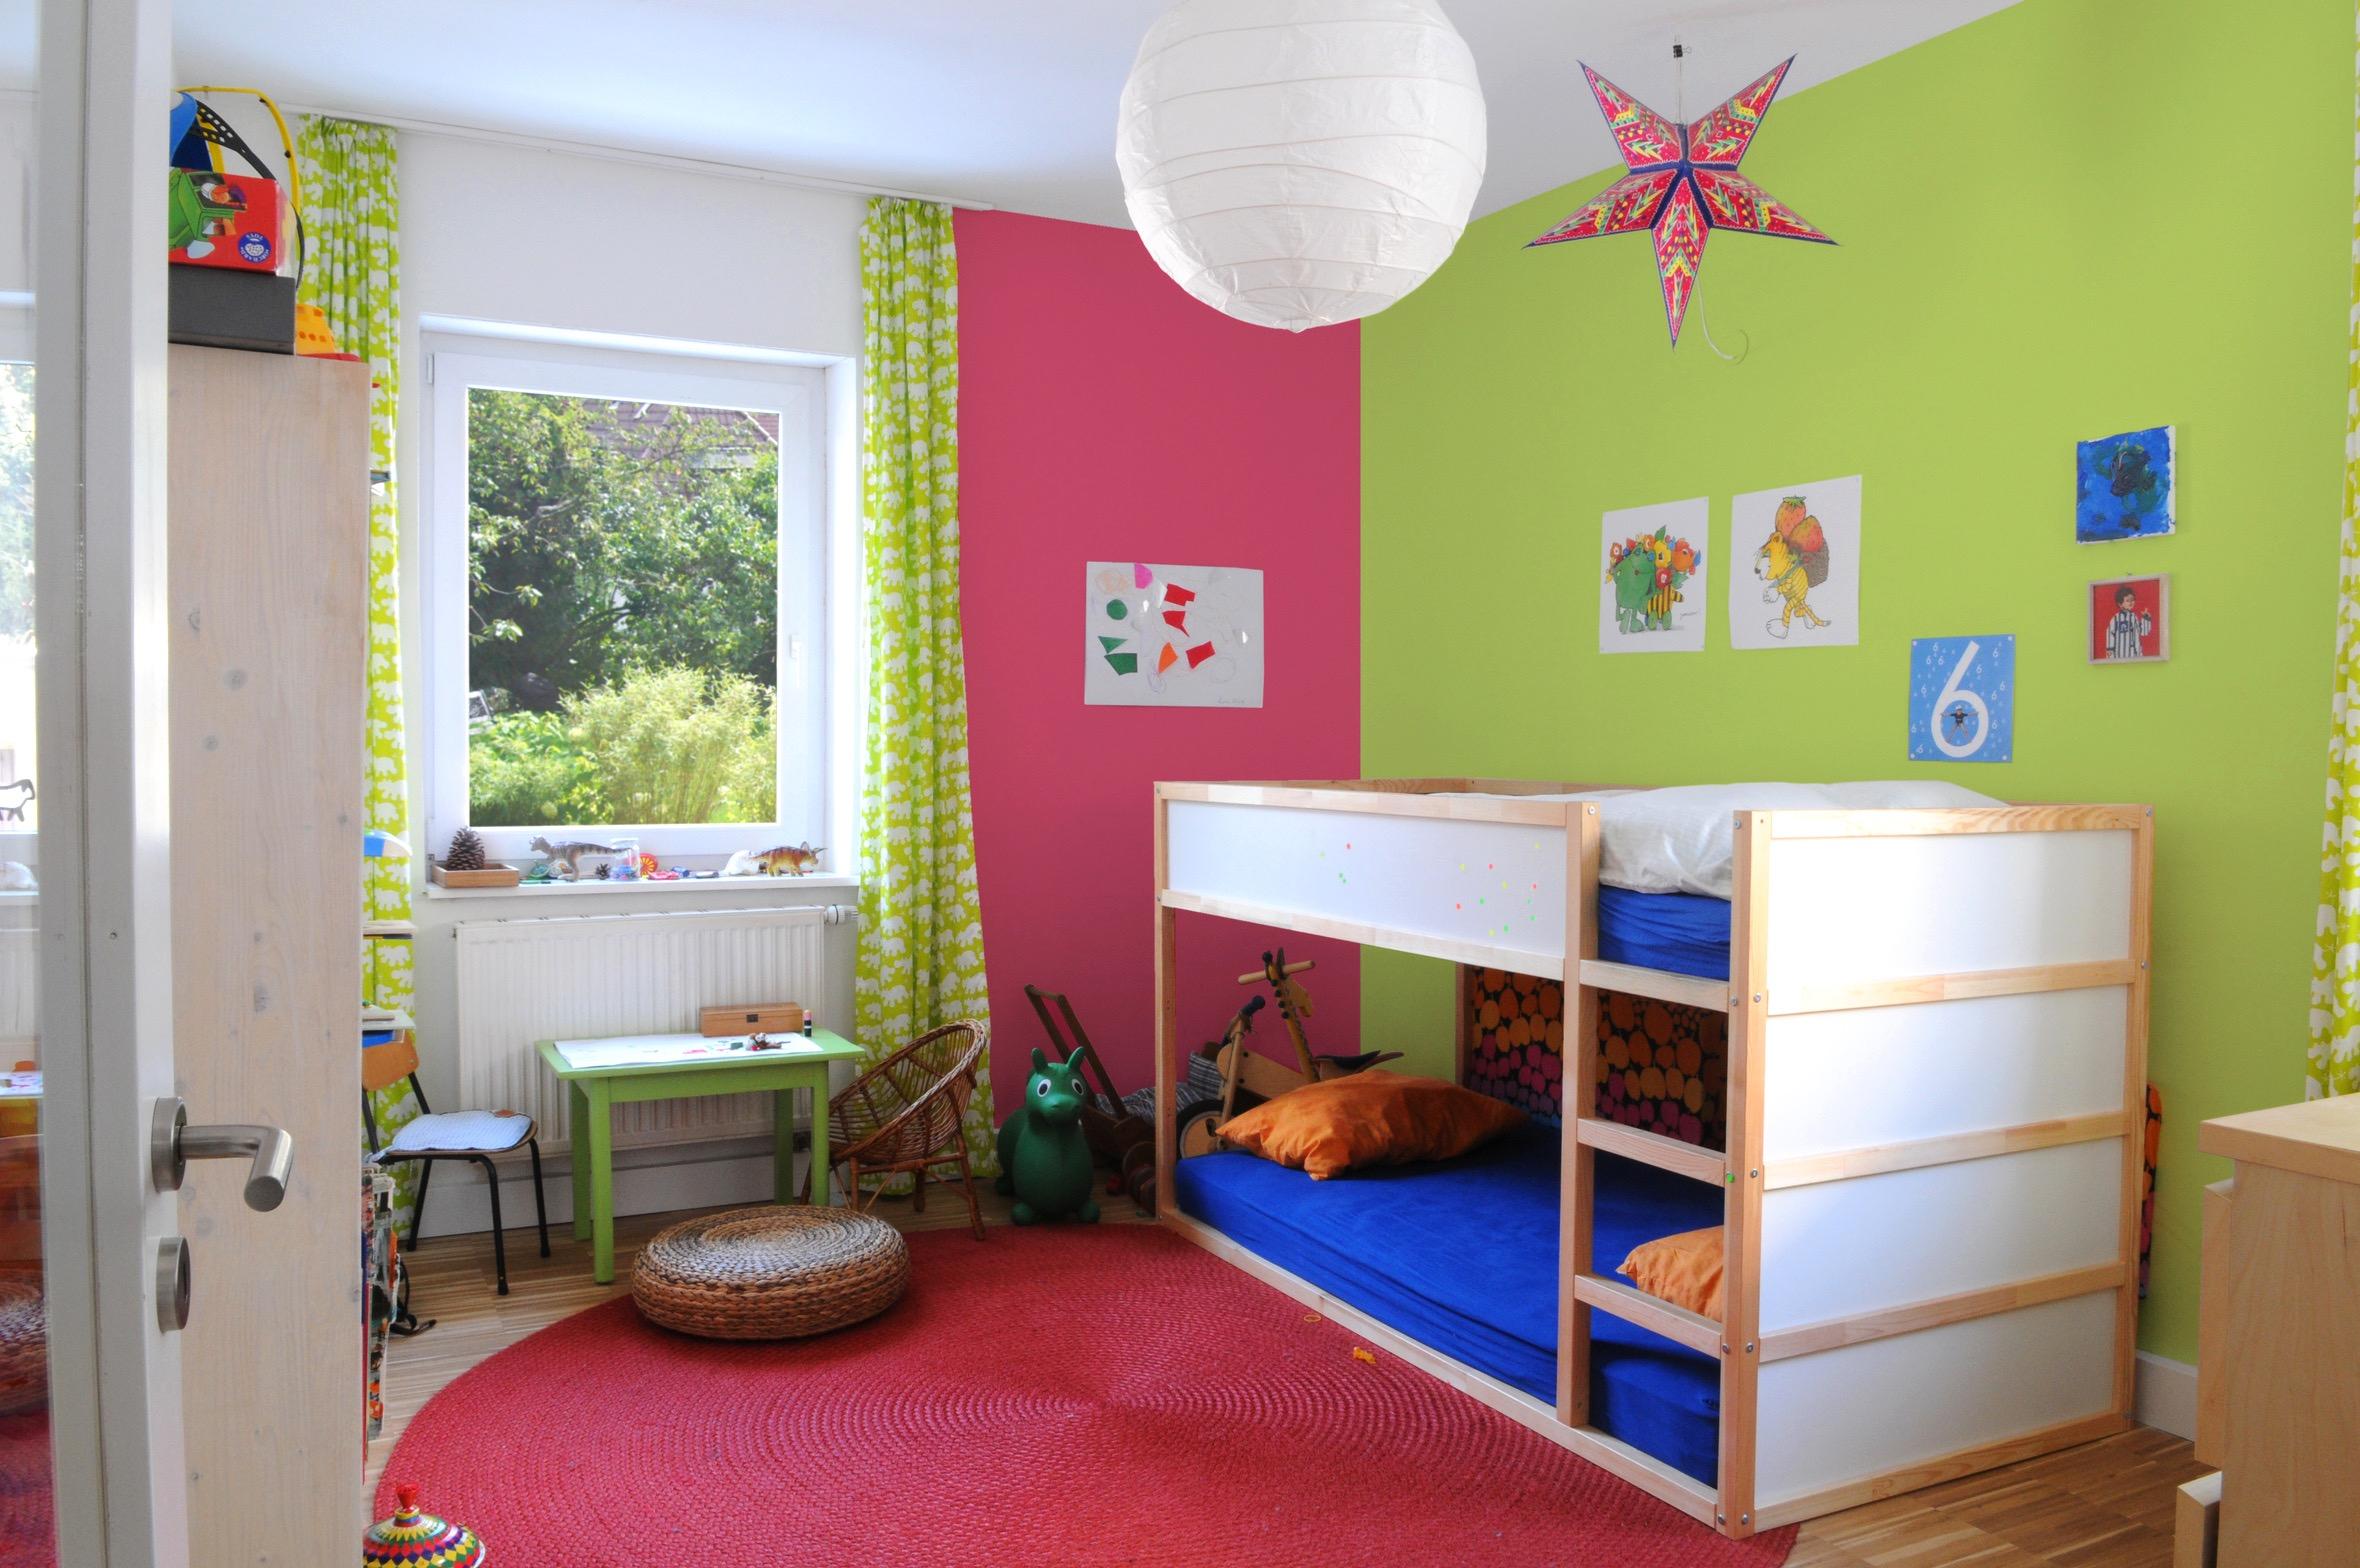 Mädche Und Junges In Ein Zimmer Einrichten Charmant On Andere Innerhalb Uncategorized Moderne Dekoration Ikea Kinderzimmer Teilen Mit 2